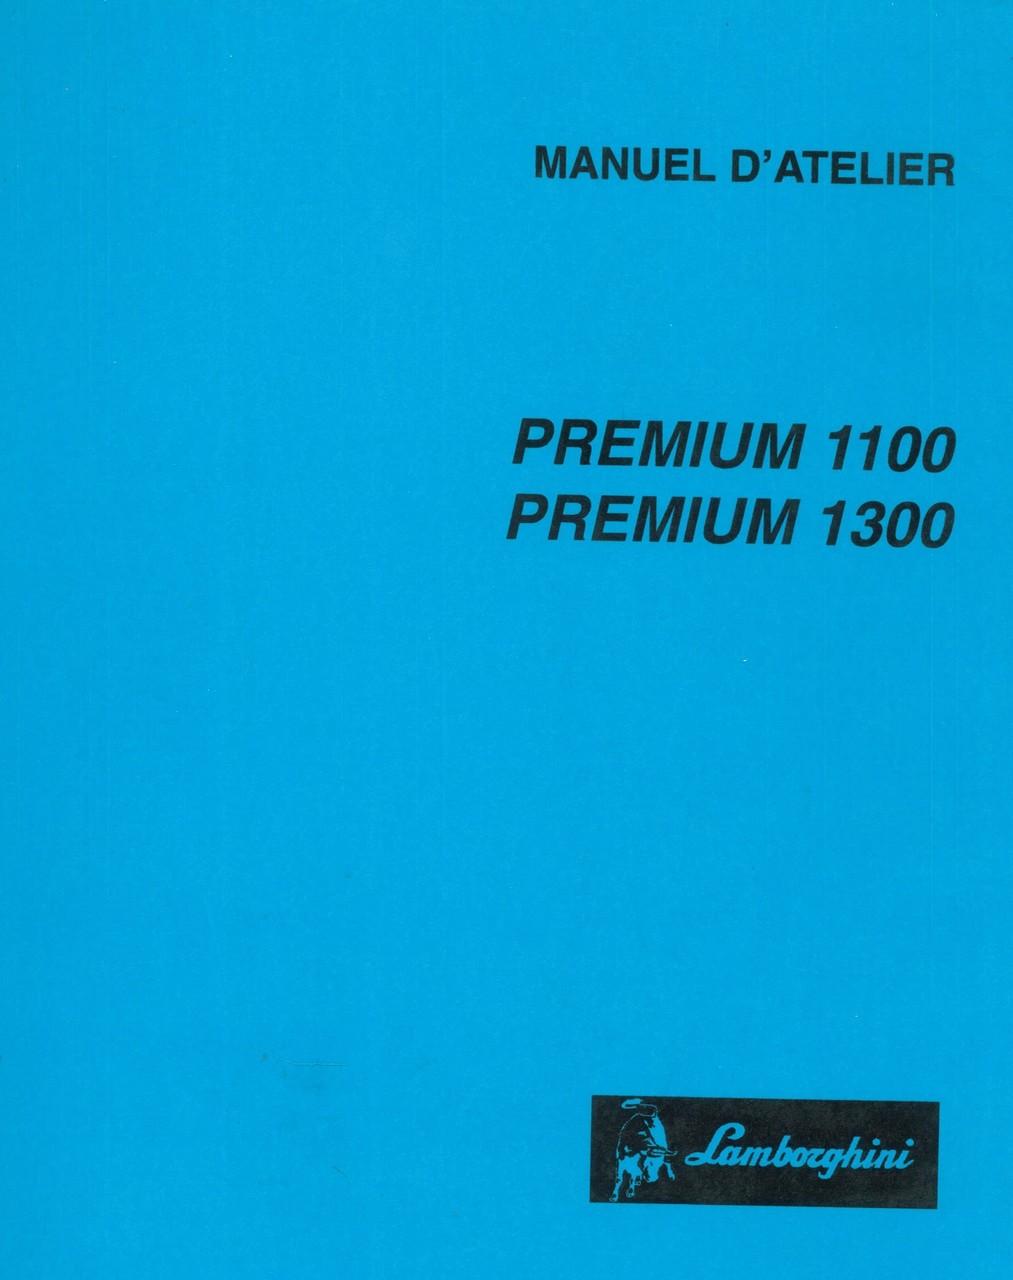 PREMIUM 1100 - 1300 - Manuel d'atelier